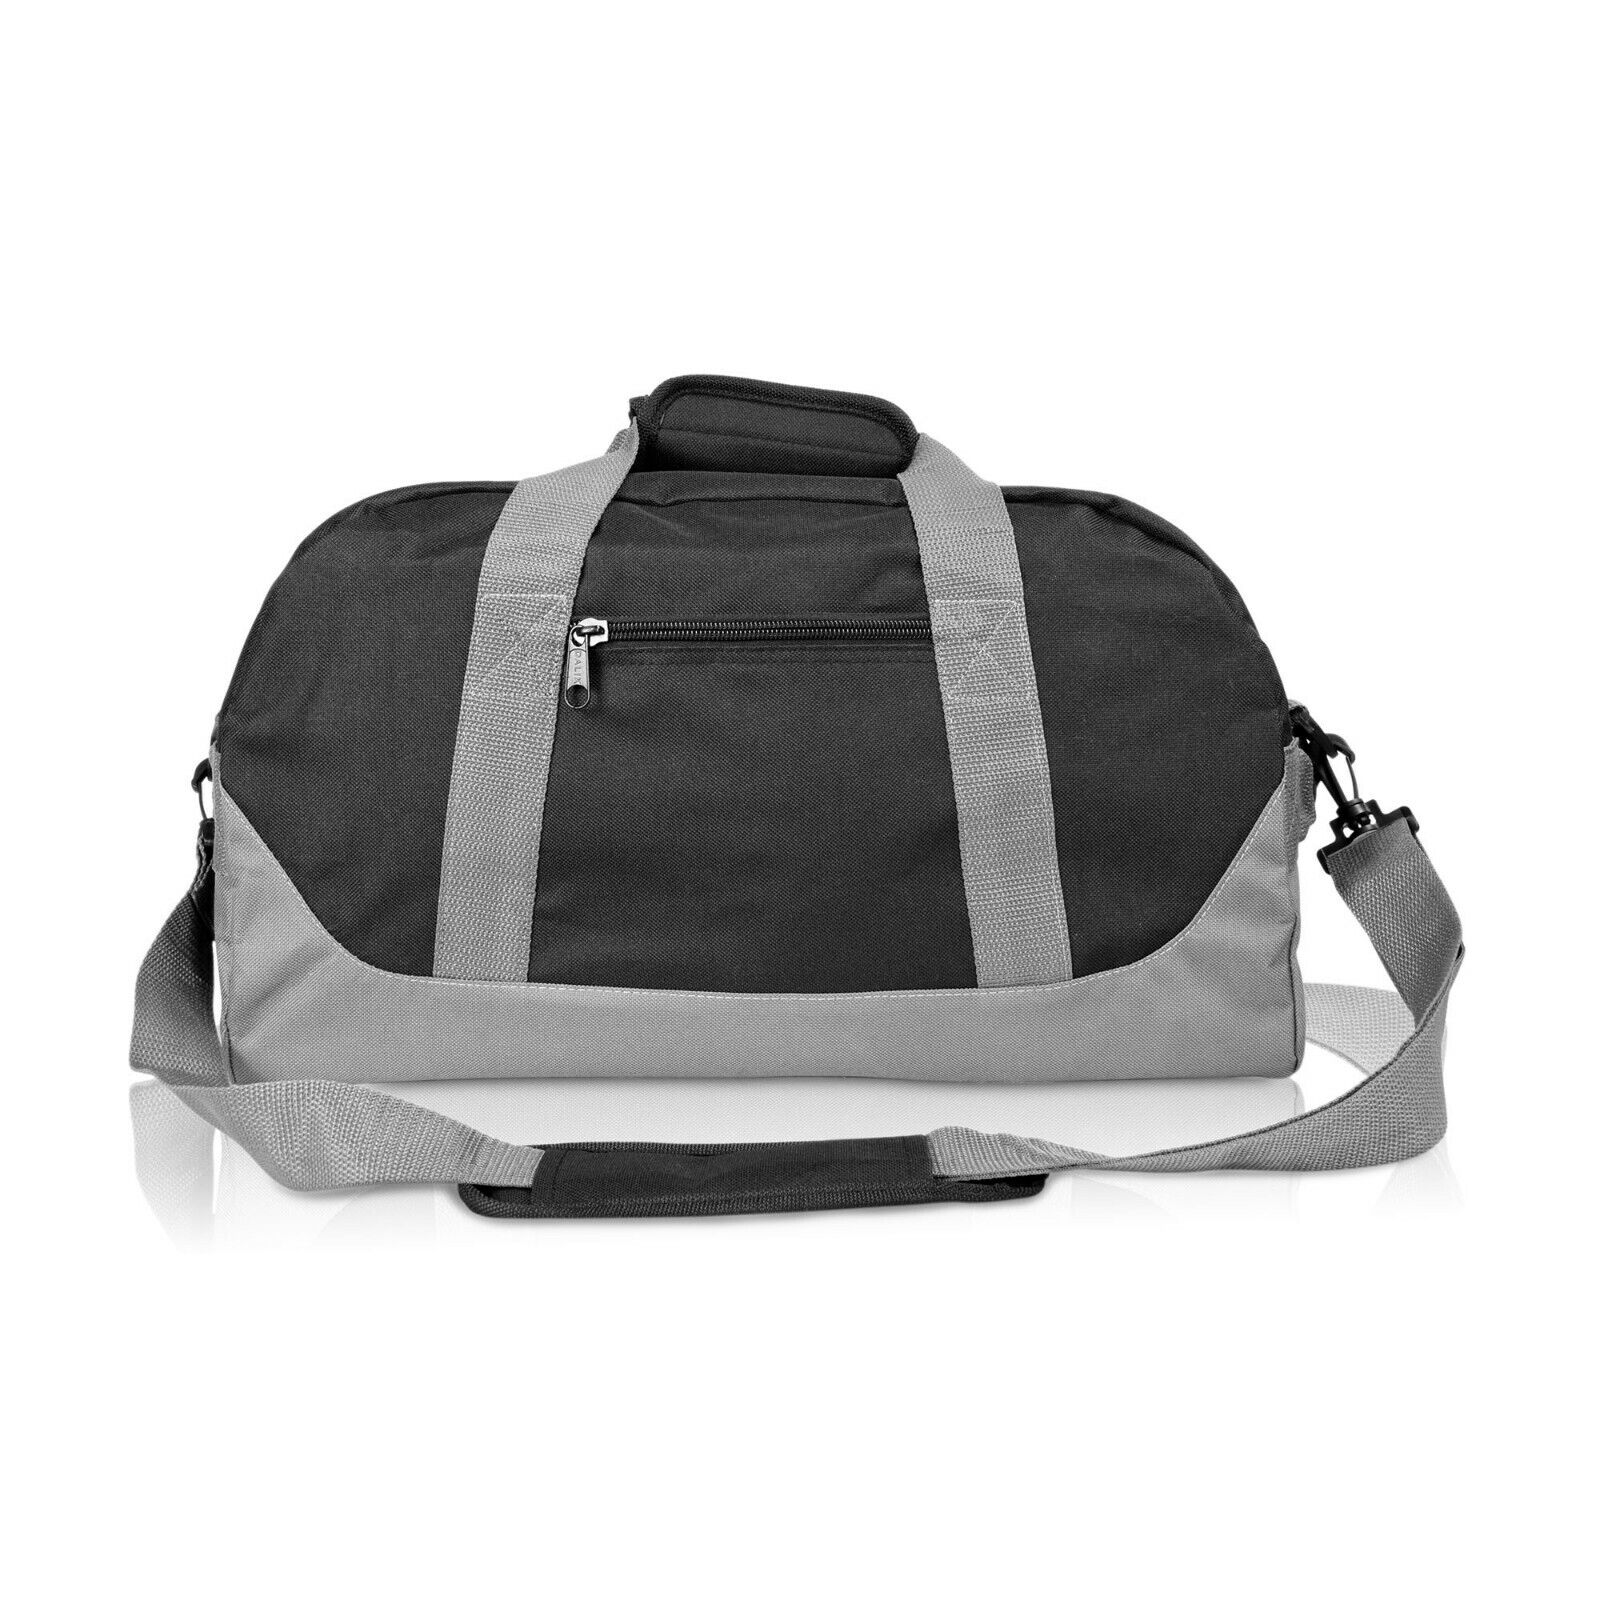 18 Medium Duffle Bag Gym Sports Duffel